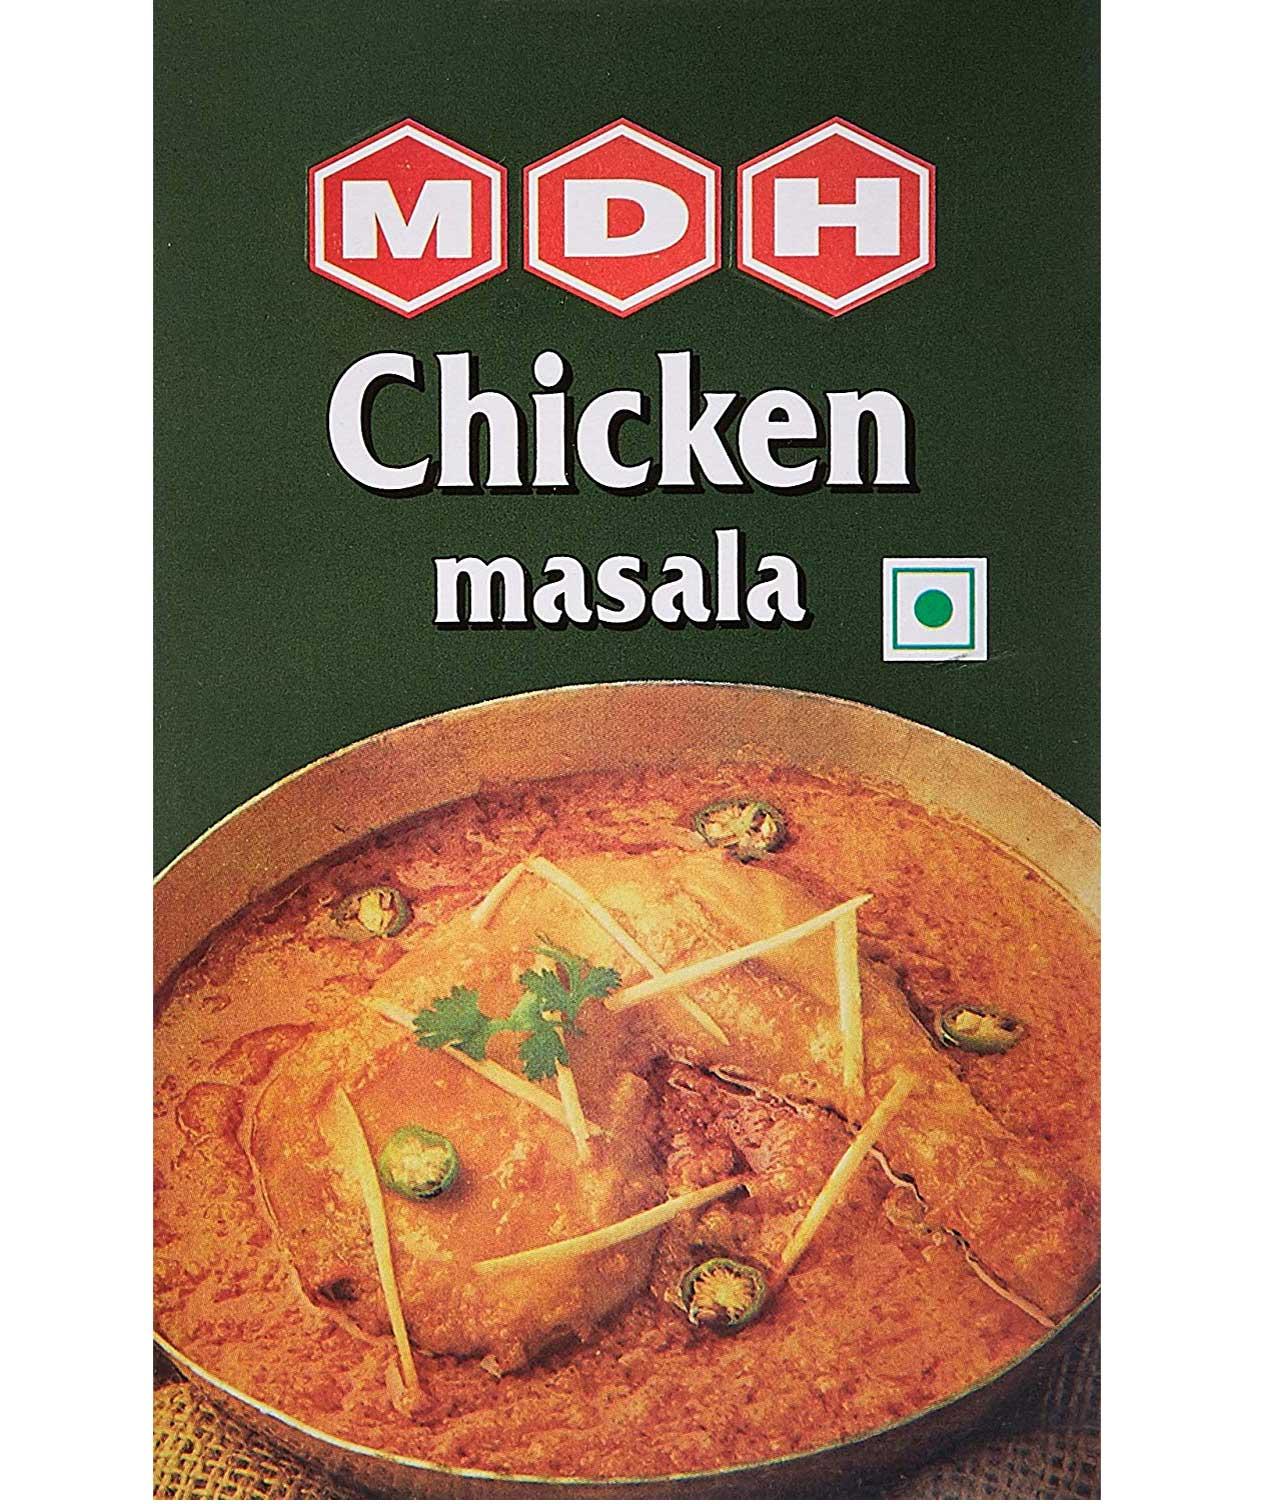 Mdh Chicken Masala, 100g